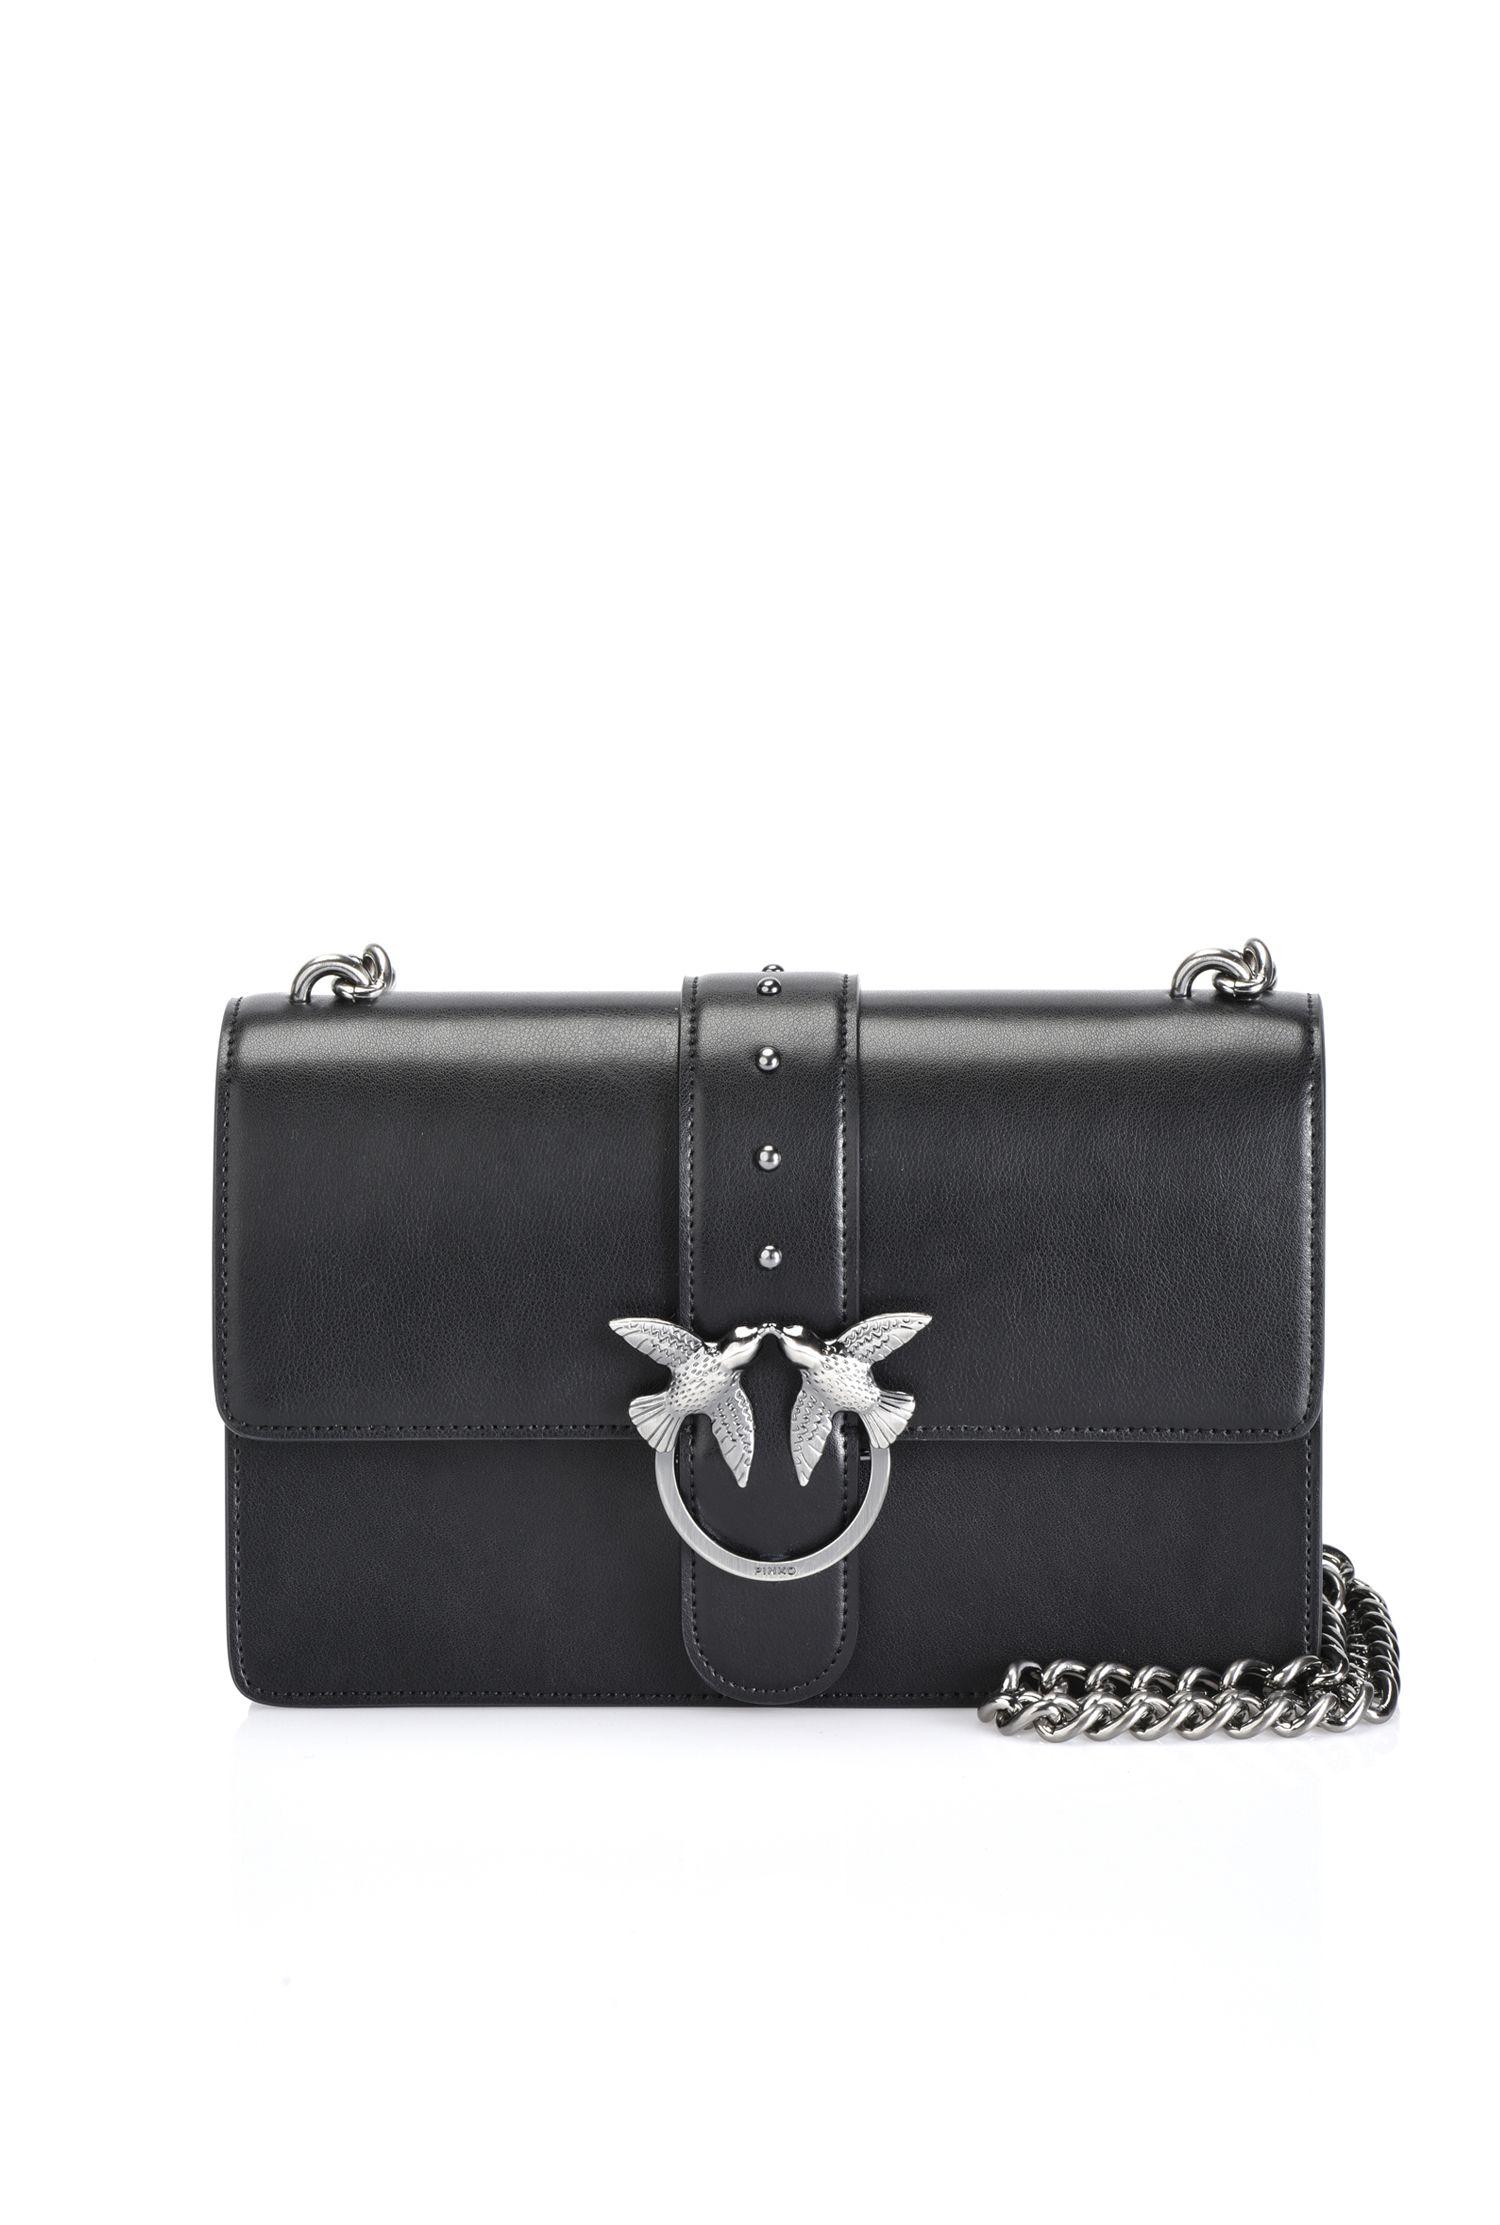 Pinko Pre-owned - Leather backpack IK5U1rUA8Y